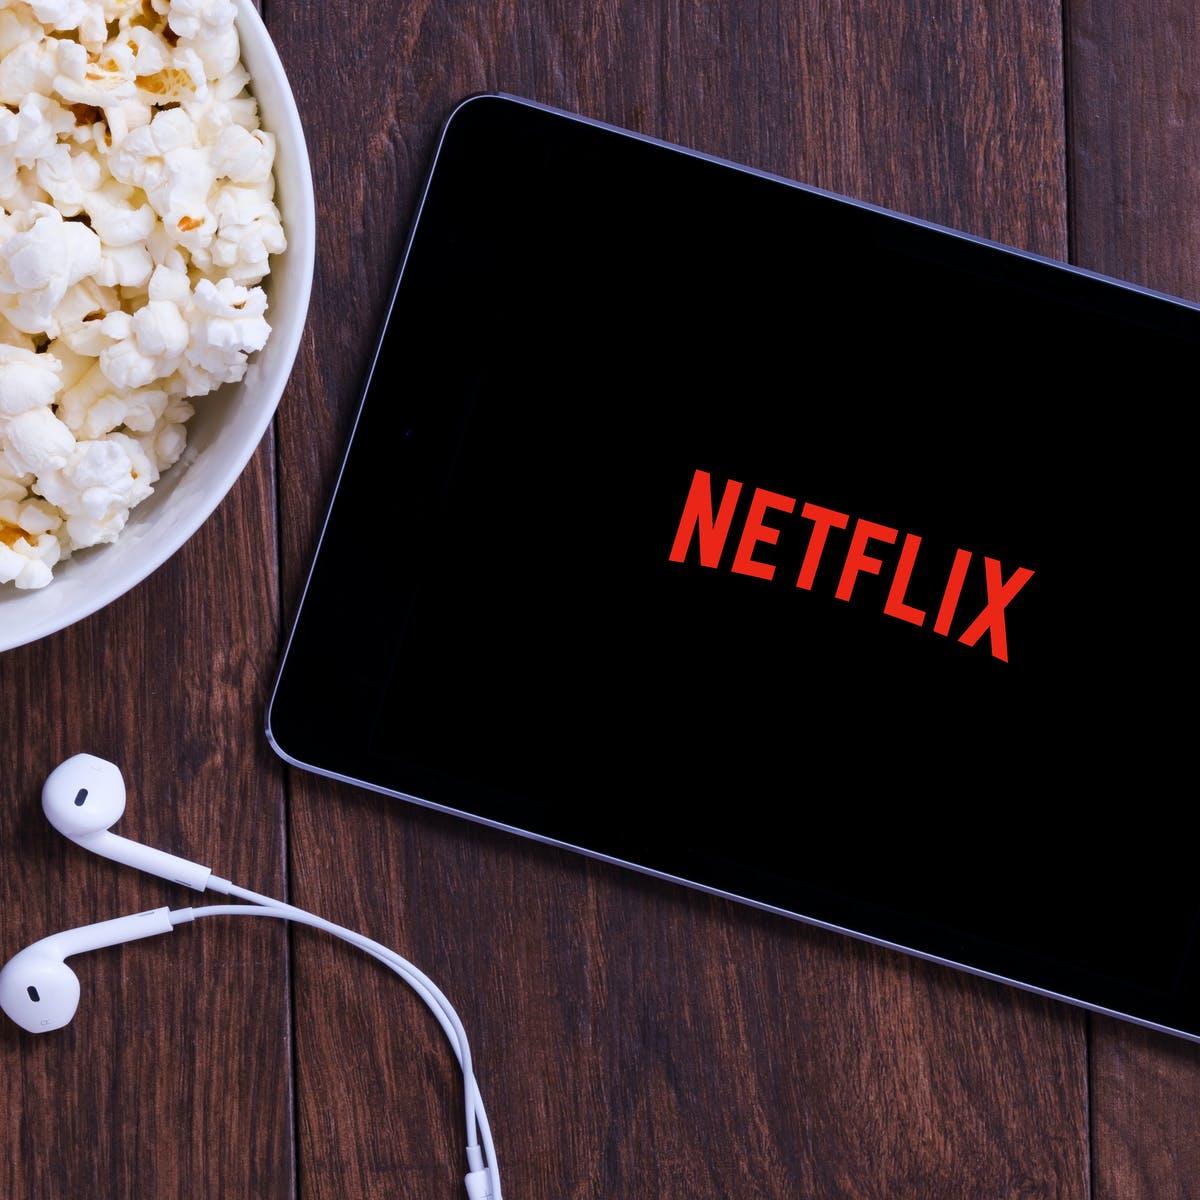 Netflix обогнал Амедиатеку в России и вошел в четверку самых популярных онлайн-кинотеатров